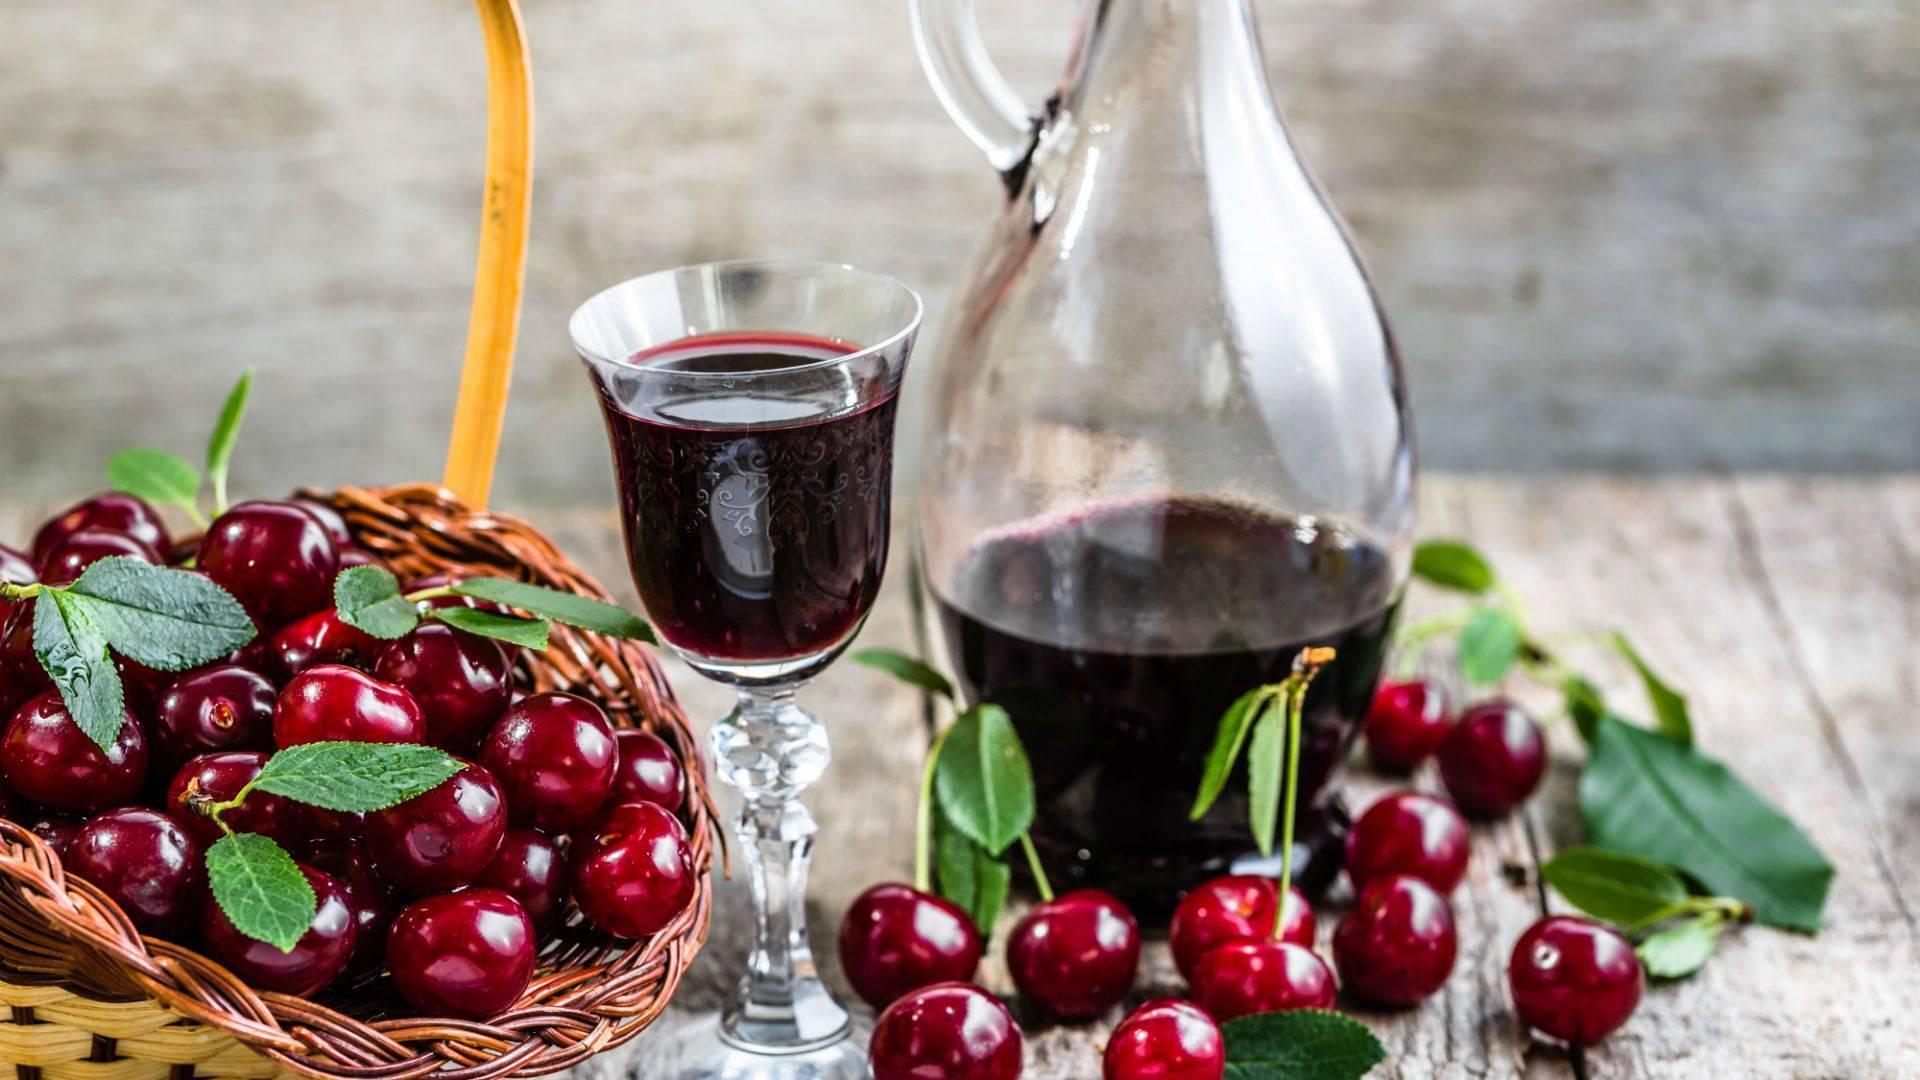 Настойка из винограда на водке (спирте) в домашних условиях (рецепт как сделать)